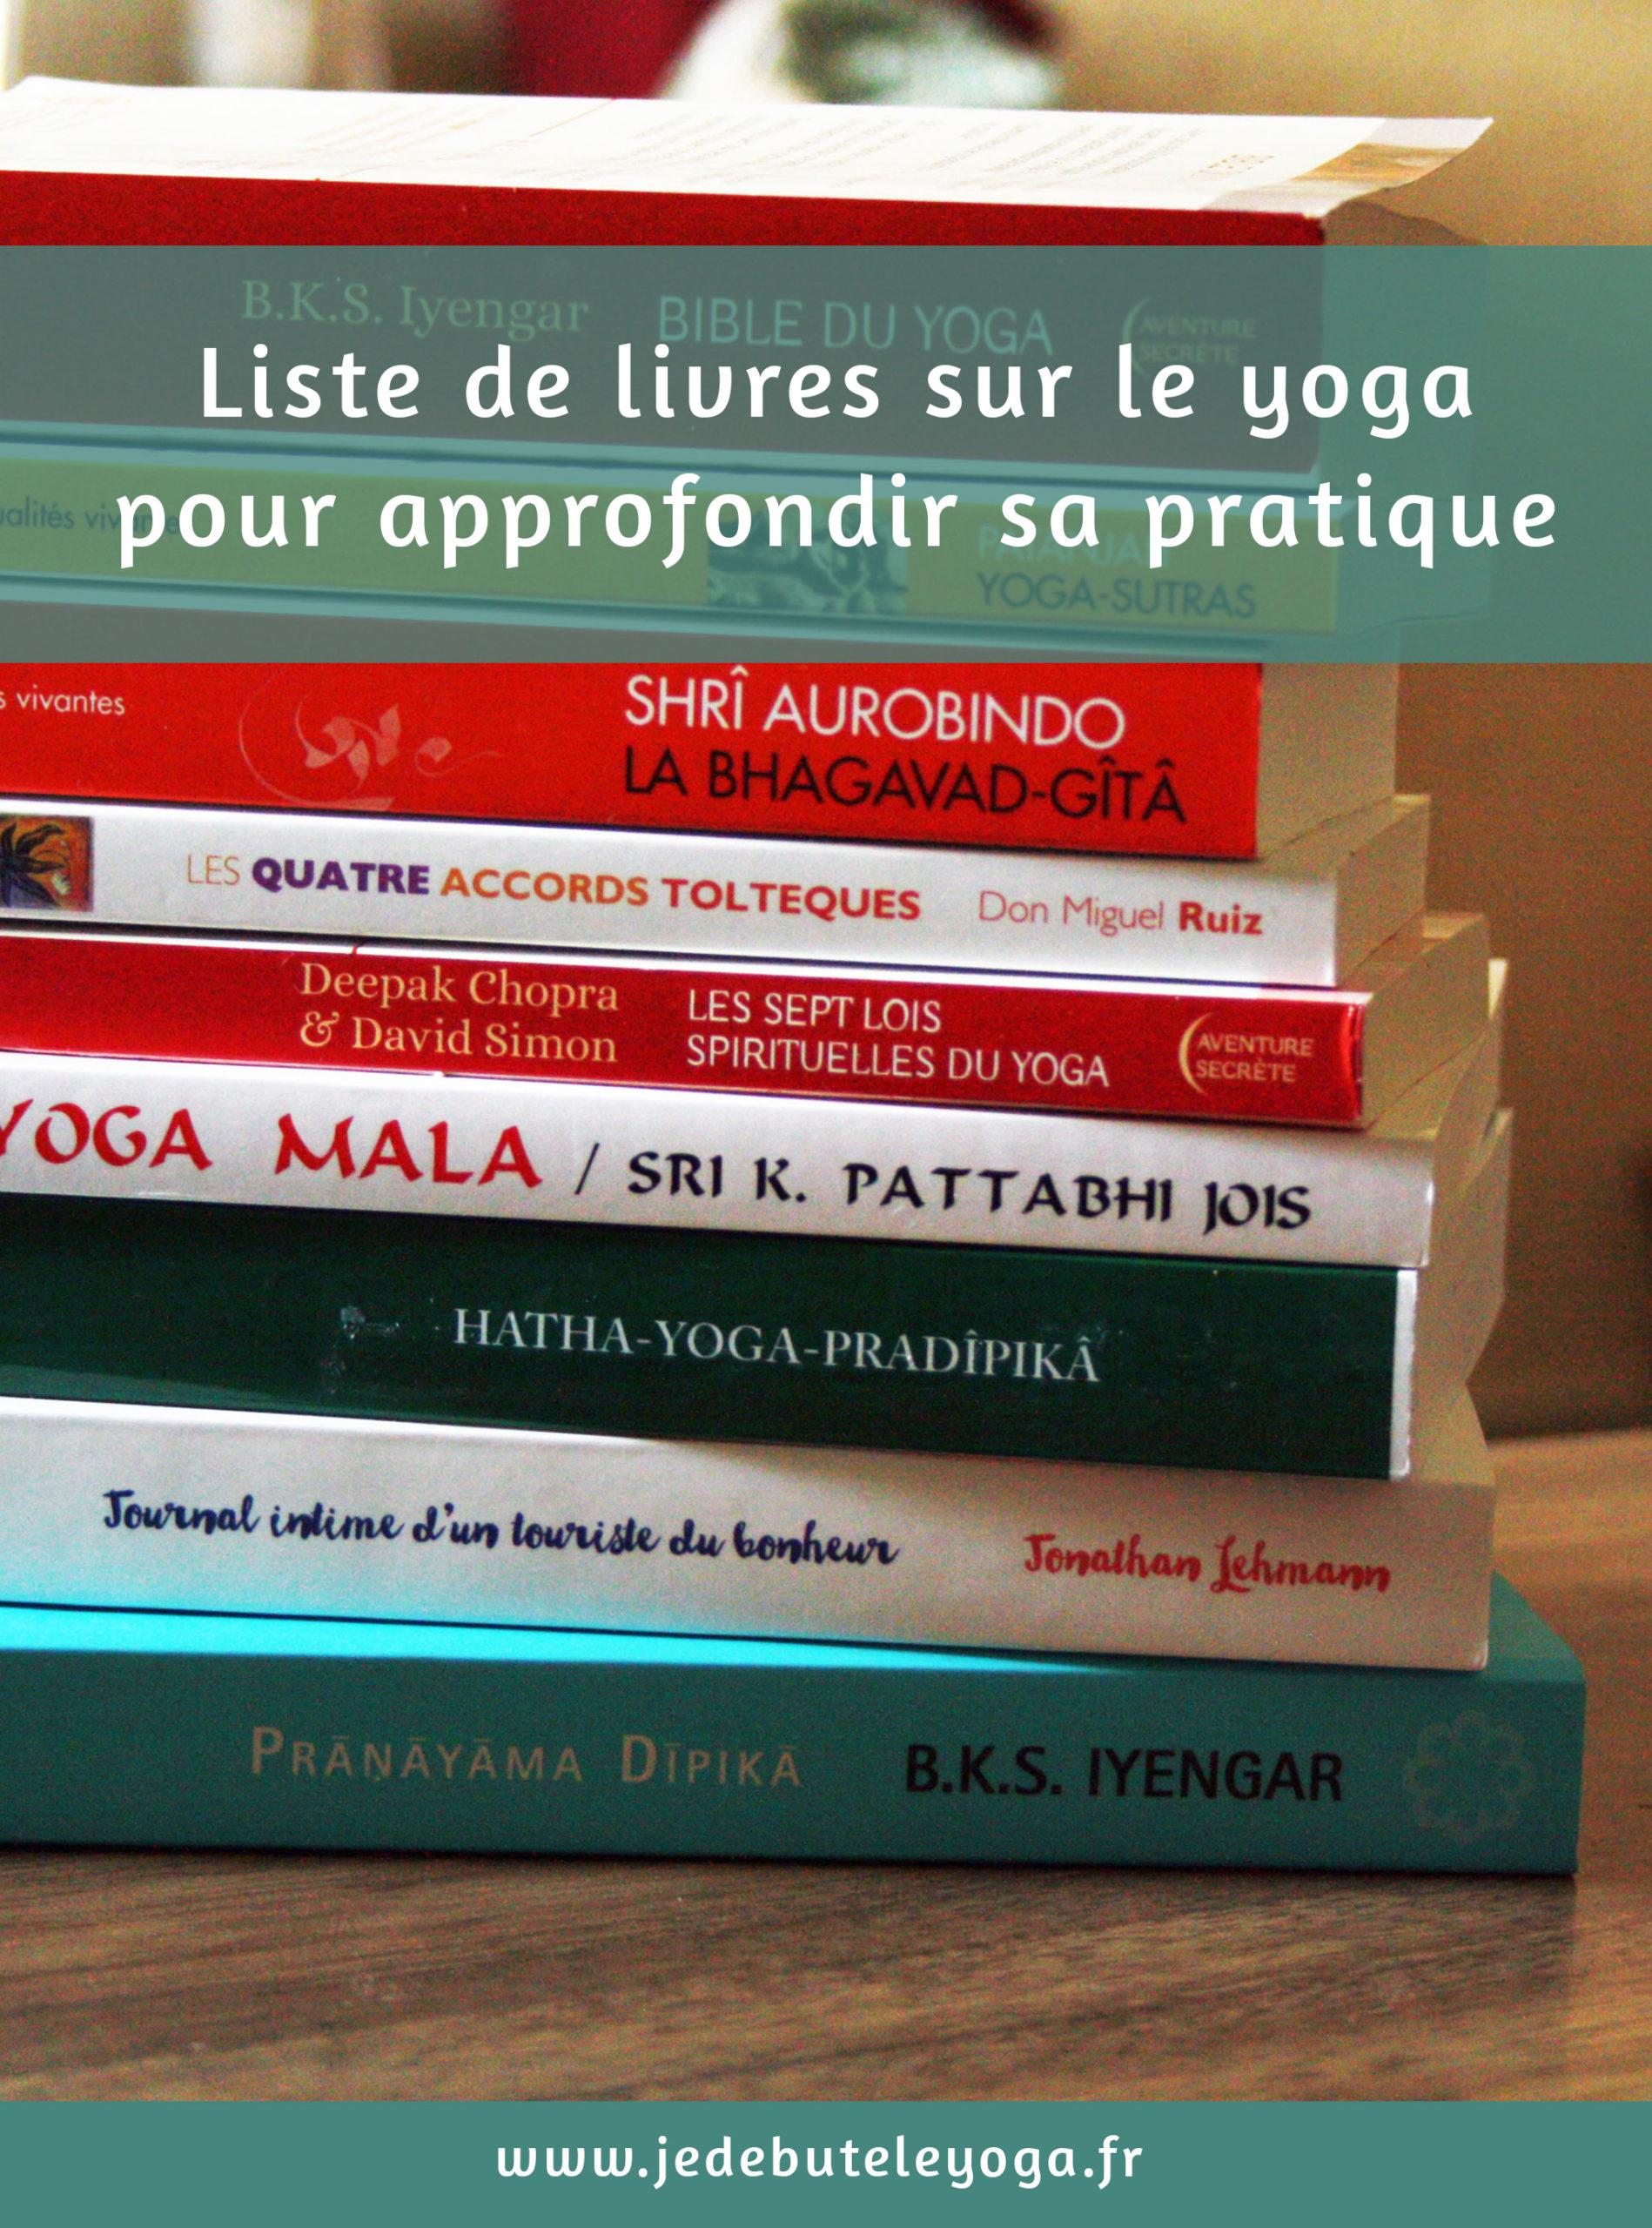 Liste de livres sur le yoga pour approfondir sa pratique